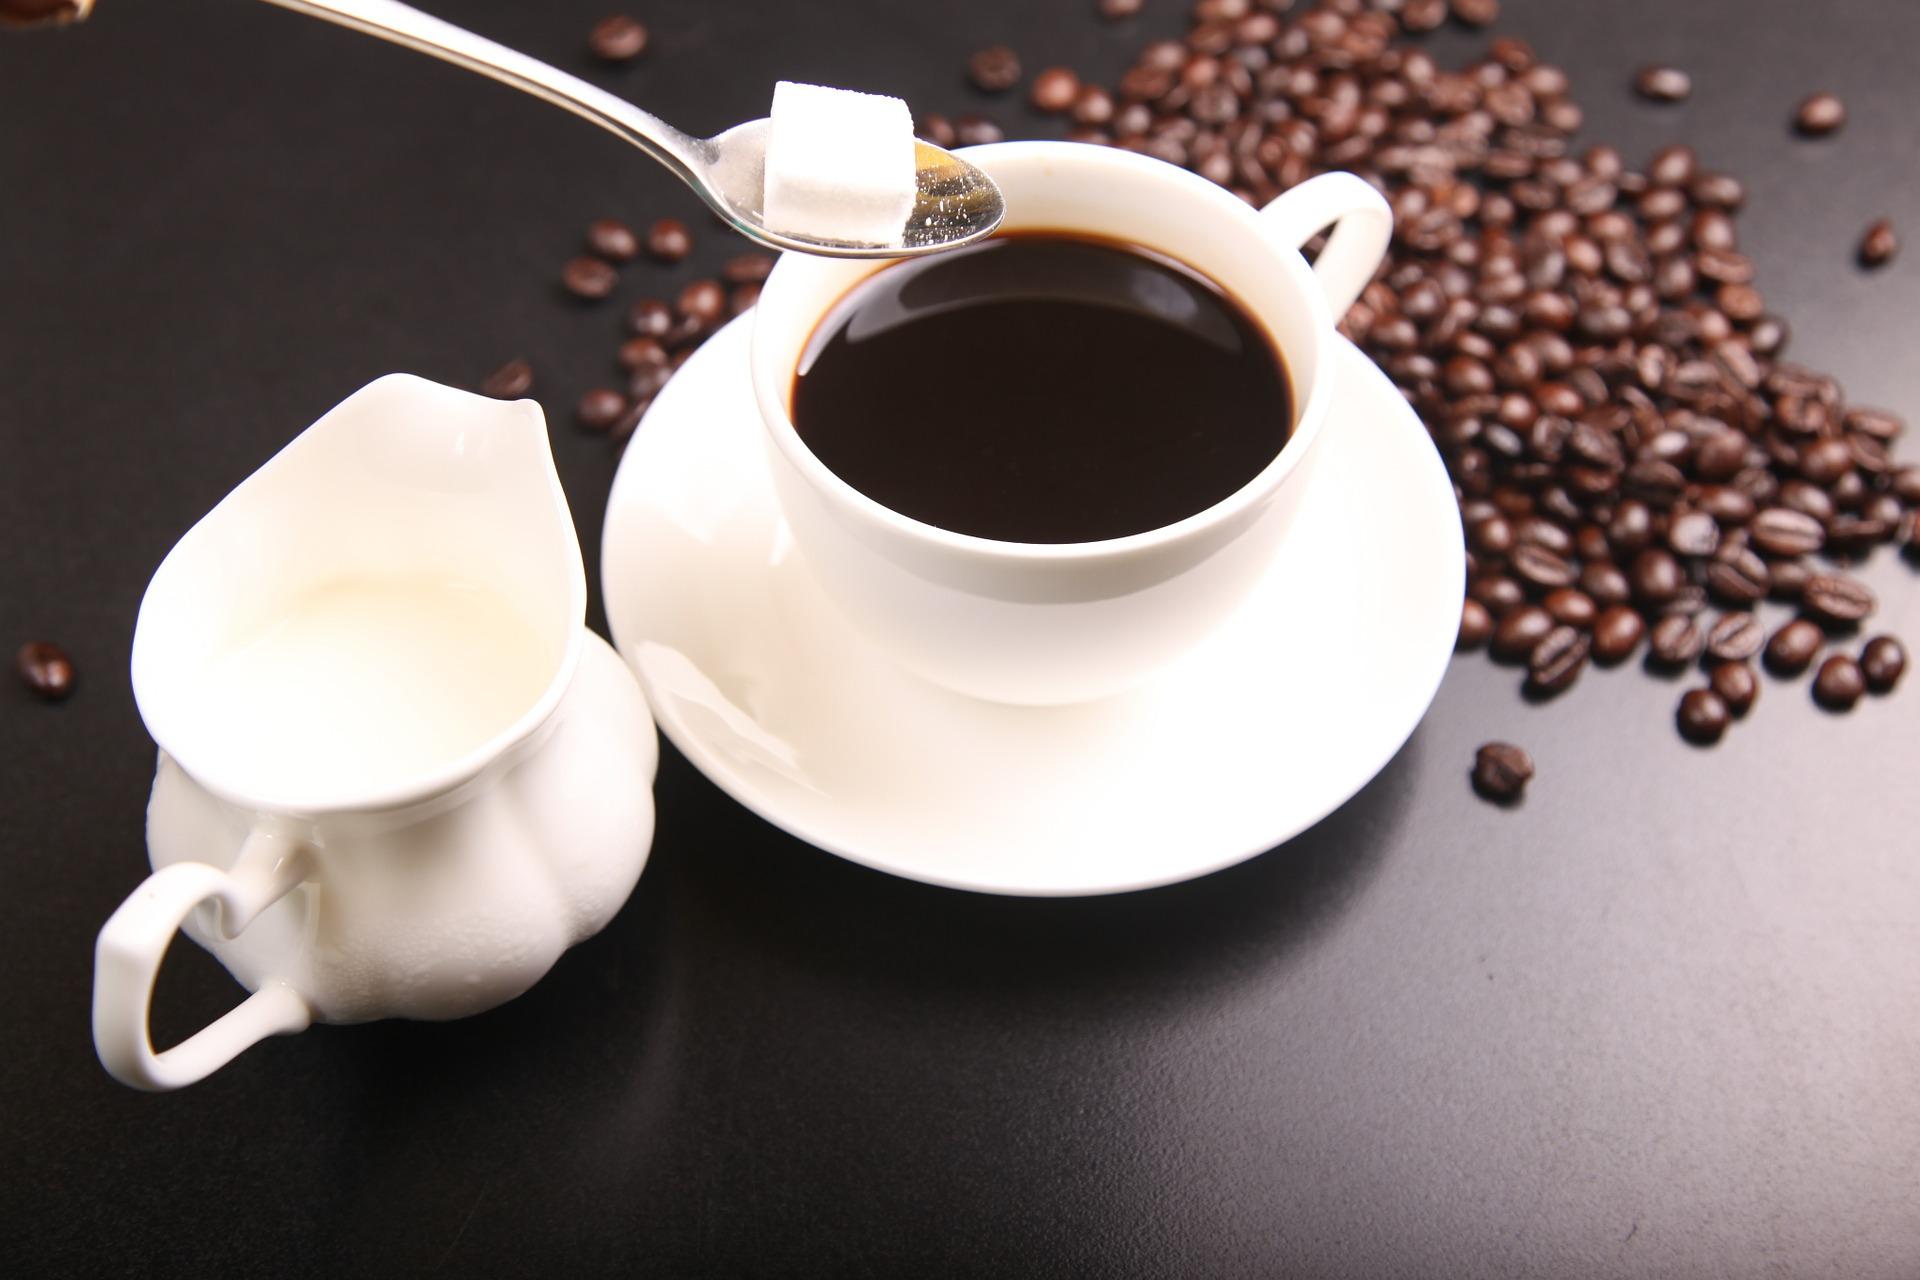 Rynek kawy w Polsce rośnie